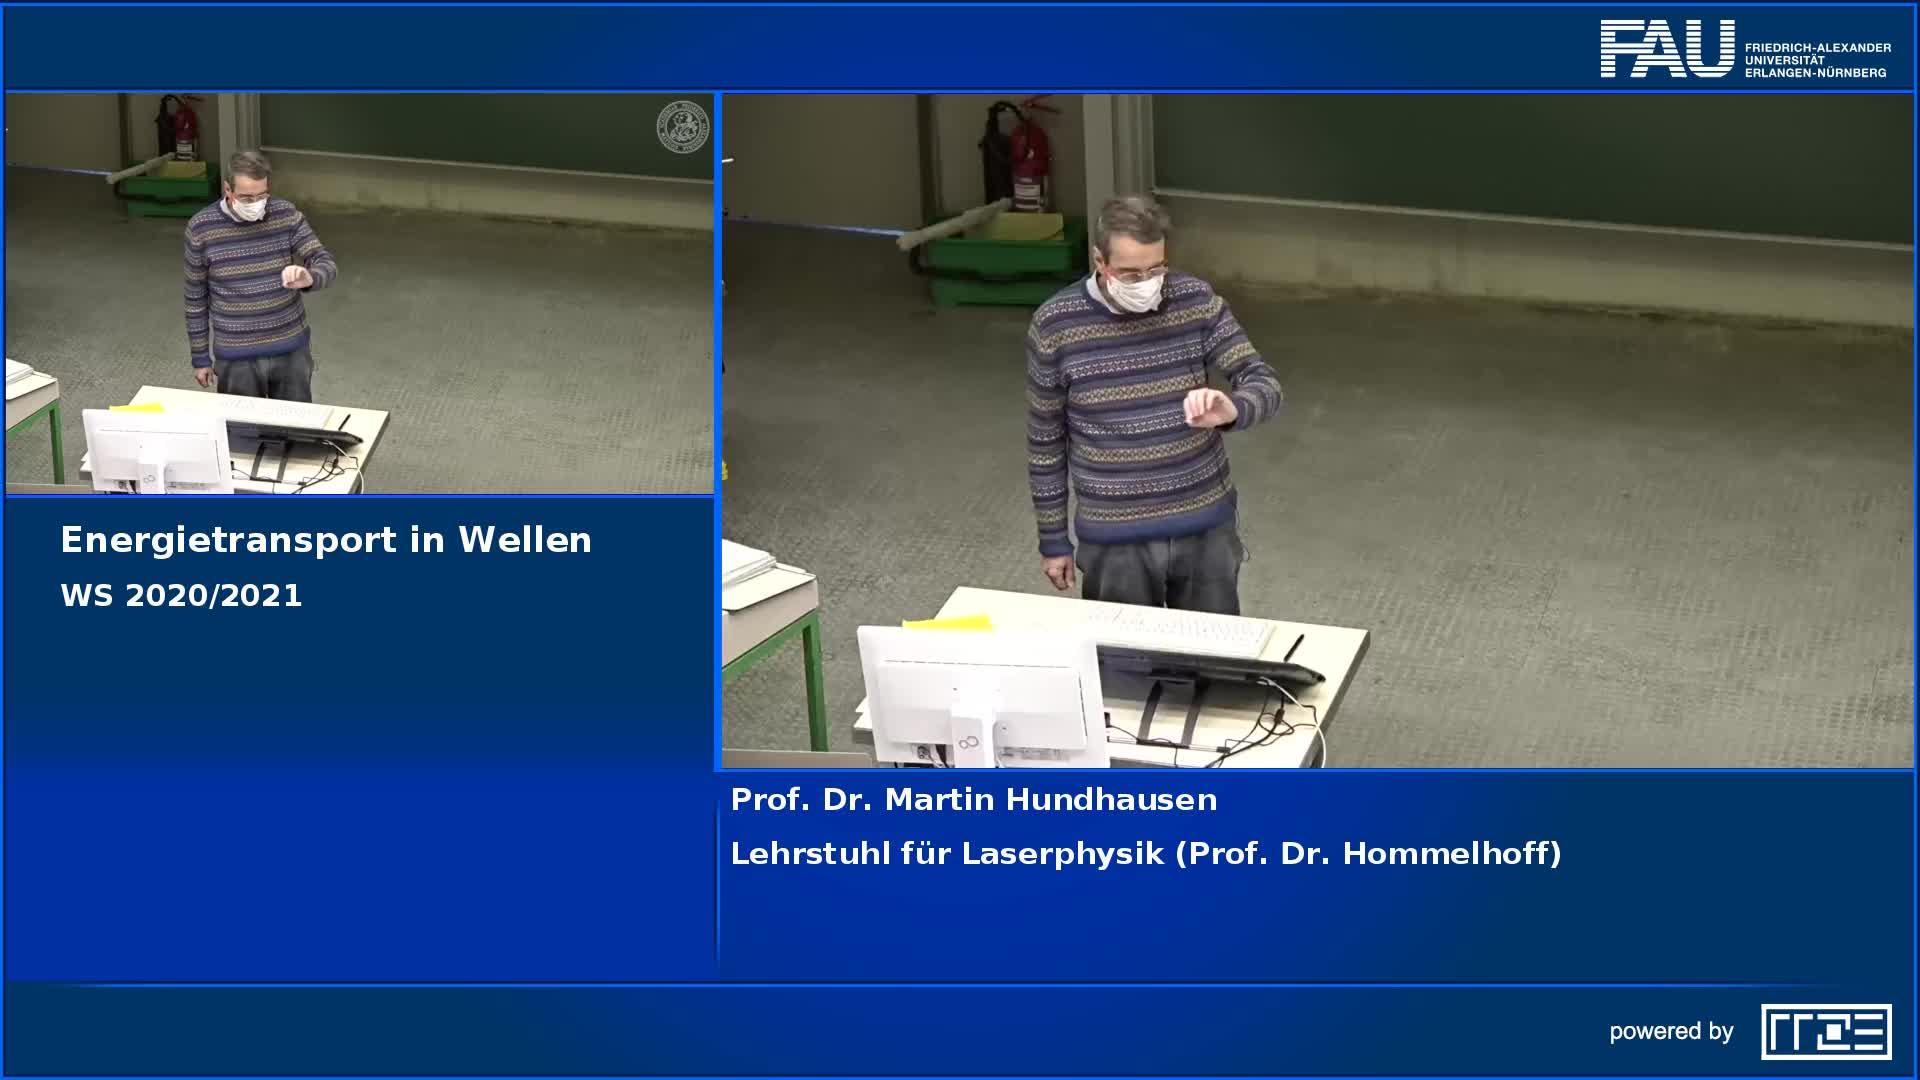 Energietransport in Wellen preview image